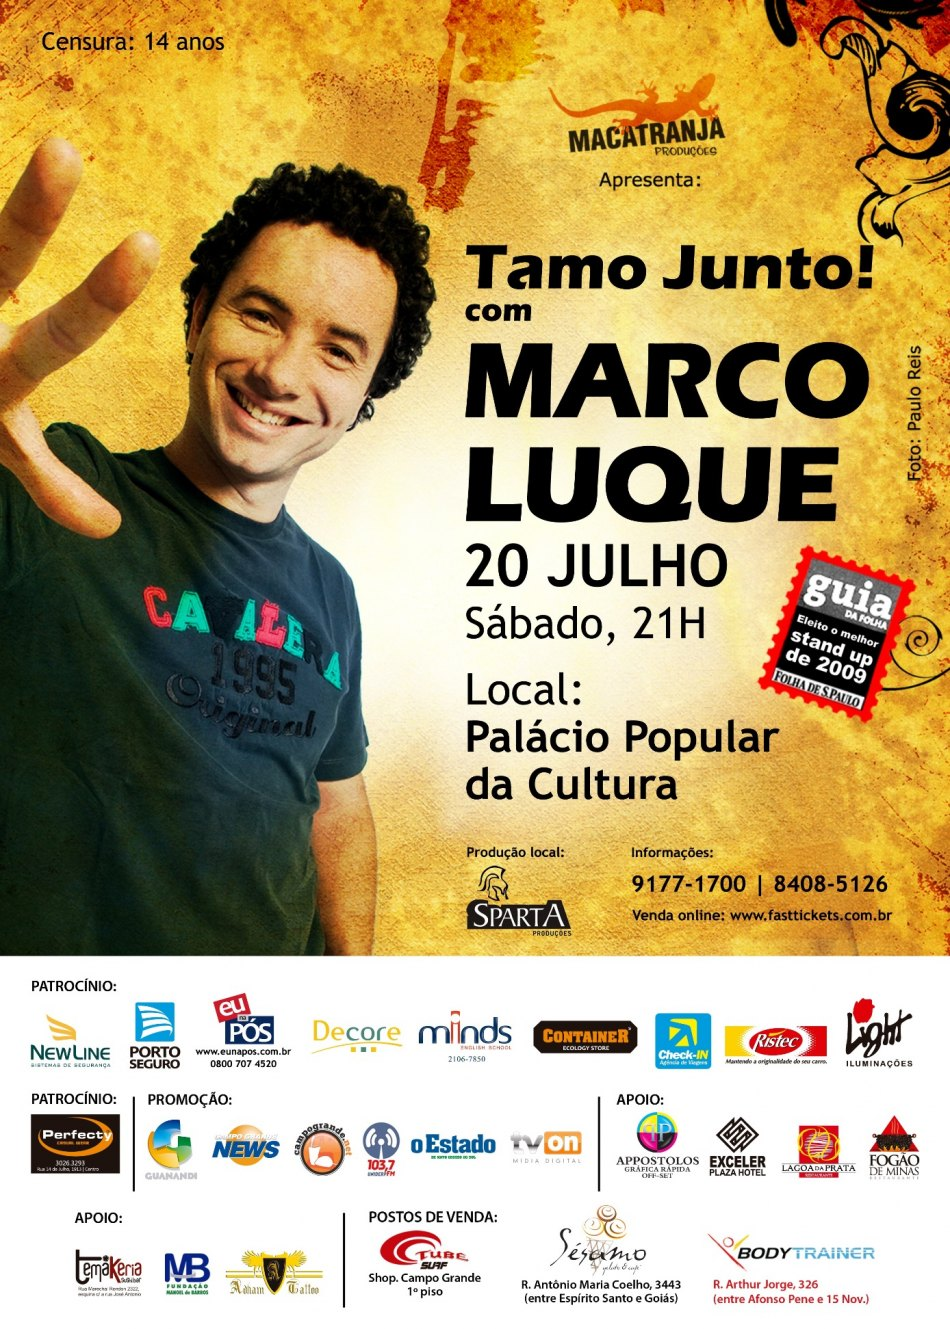 Marco Luque - 20 Julho - Campo Grande